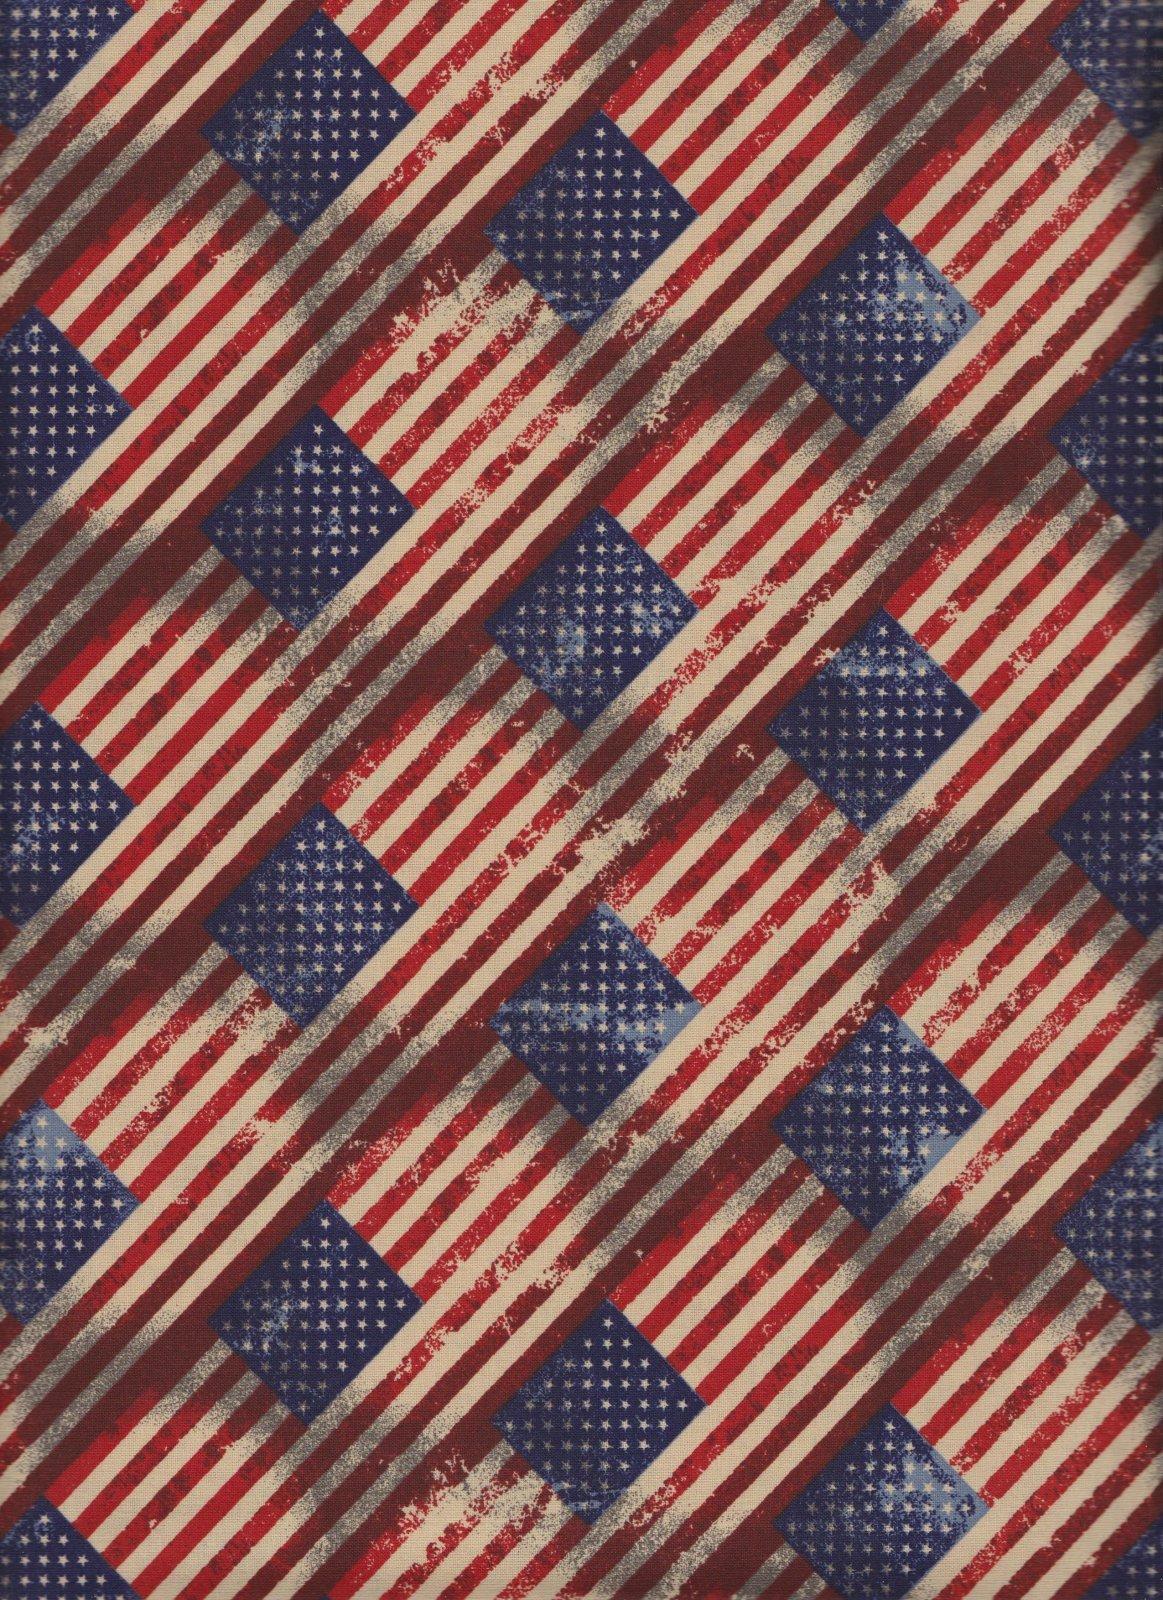 23827 Patriotic Antique Flags